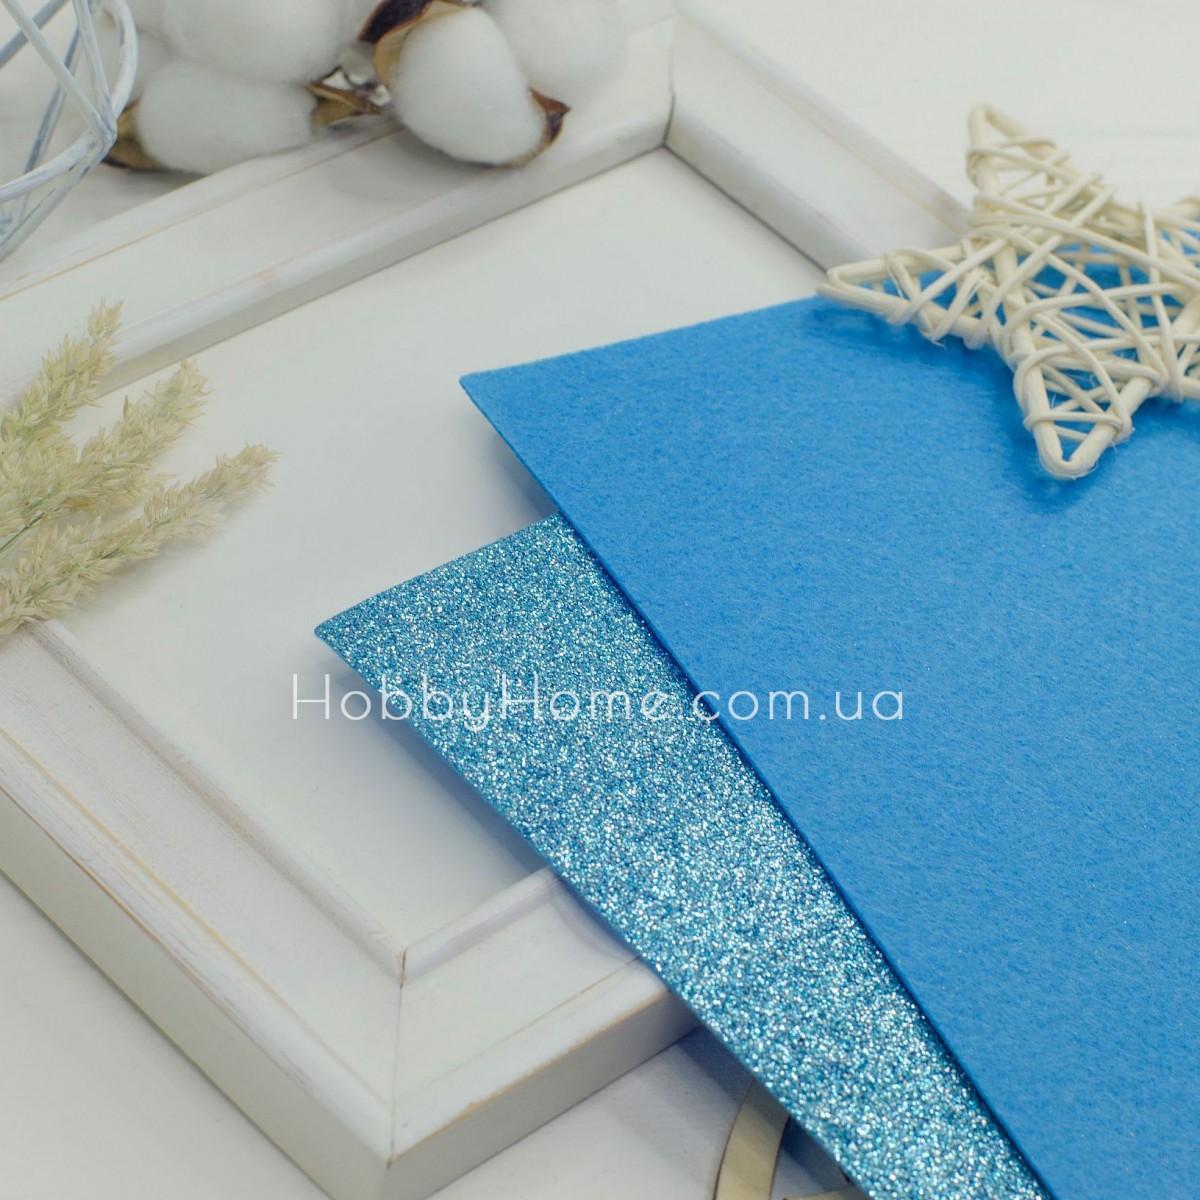 Дрібний гліттер на жорсткому фетрі , блакитний